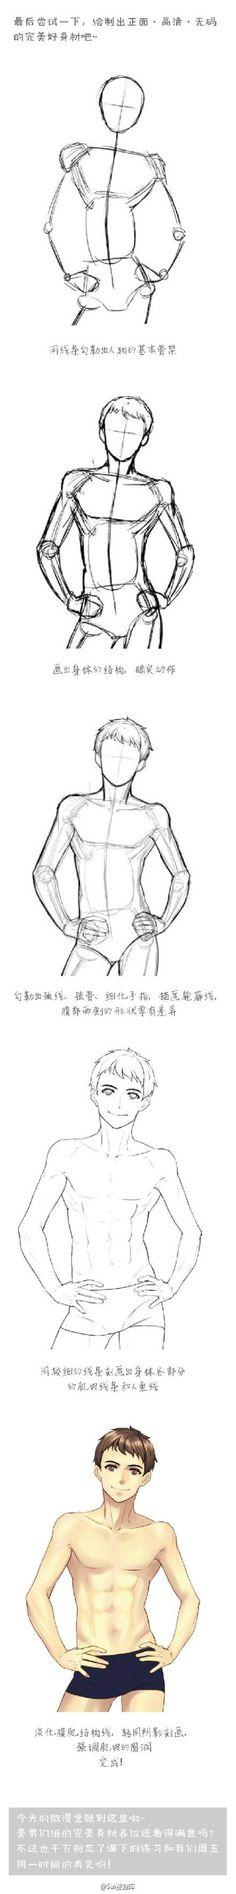 Male body muscles